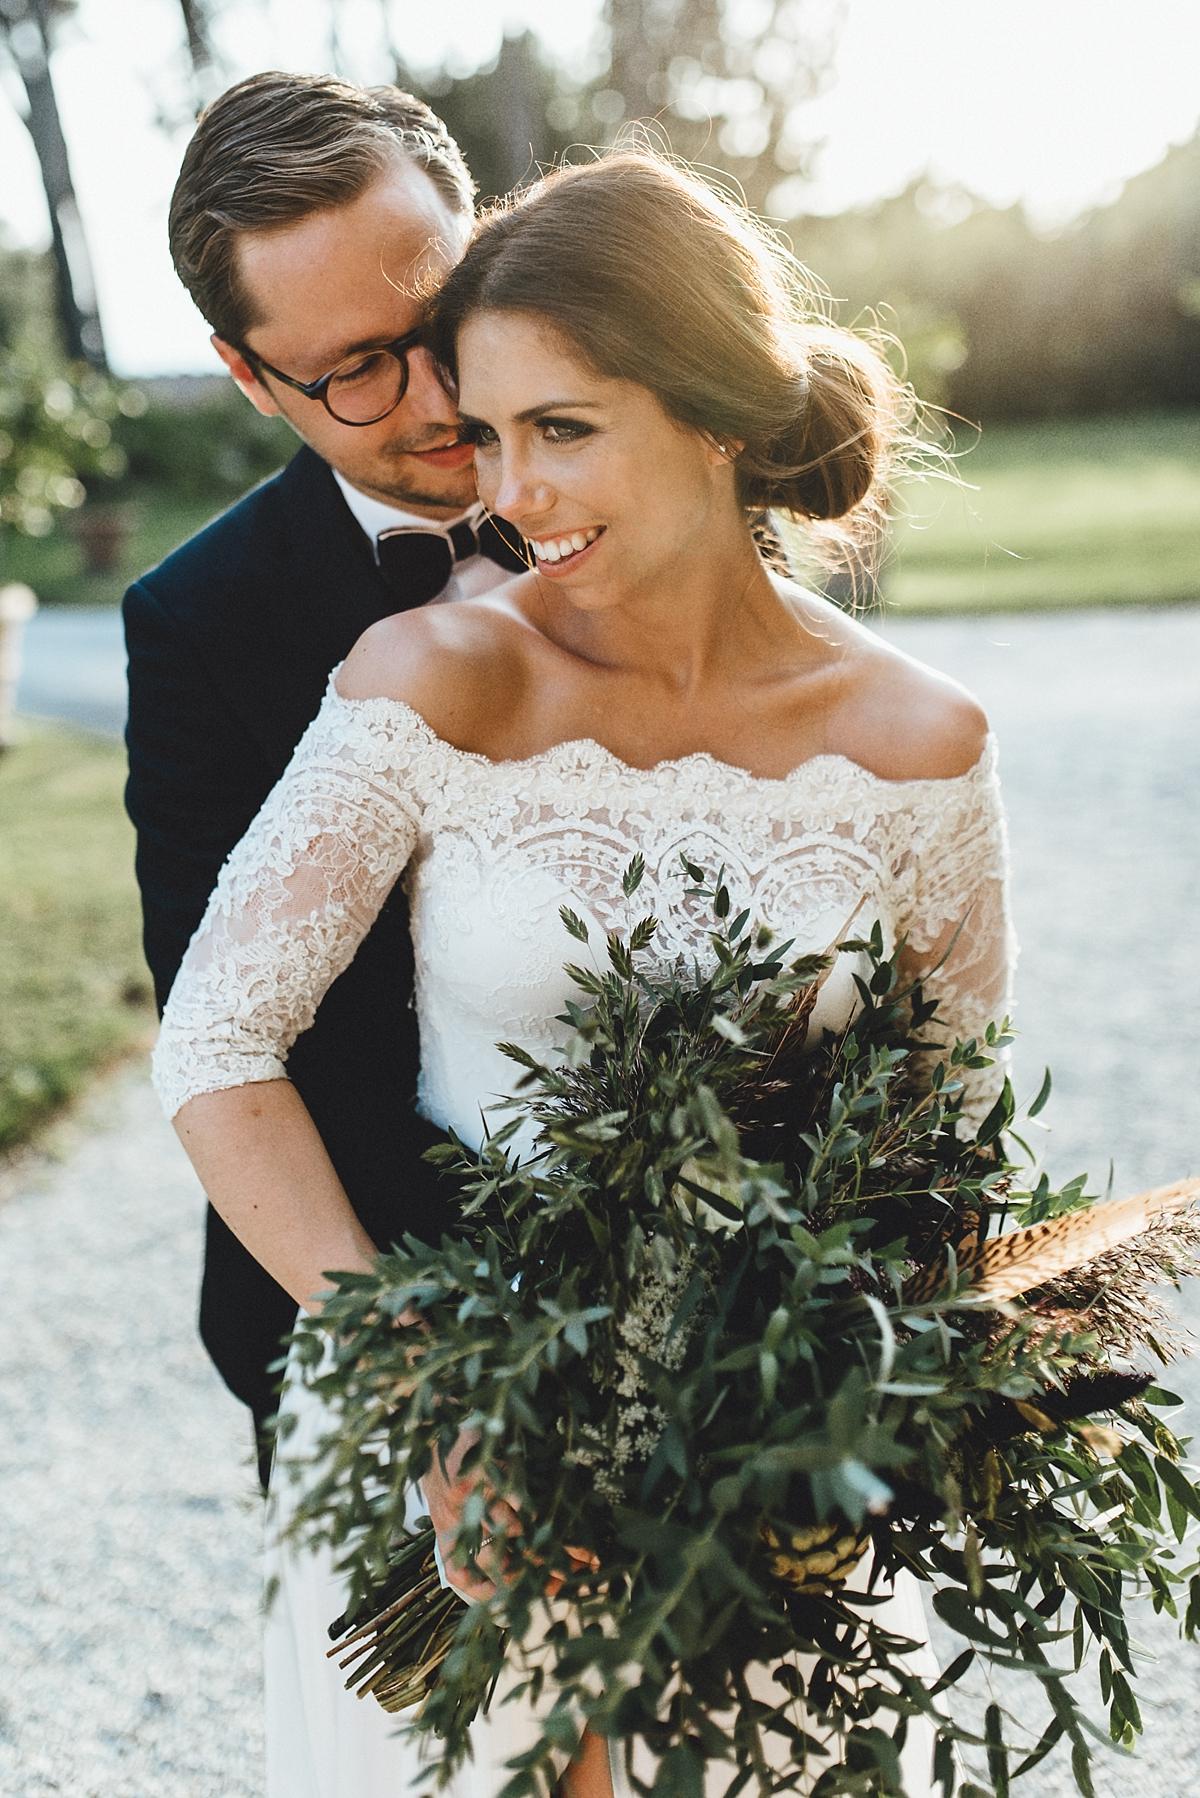 hochzeitsfotograf toskana Kristina & Daniel Mediterrane Toskana Hochzeithochzeitsfotograf toskana italien 2180